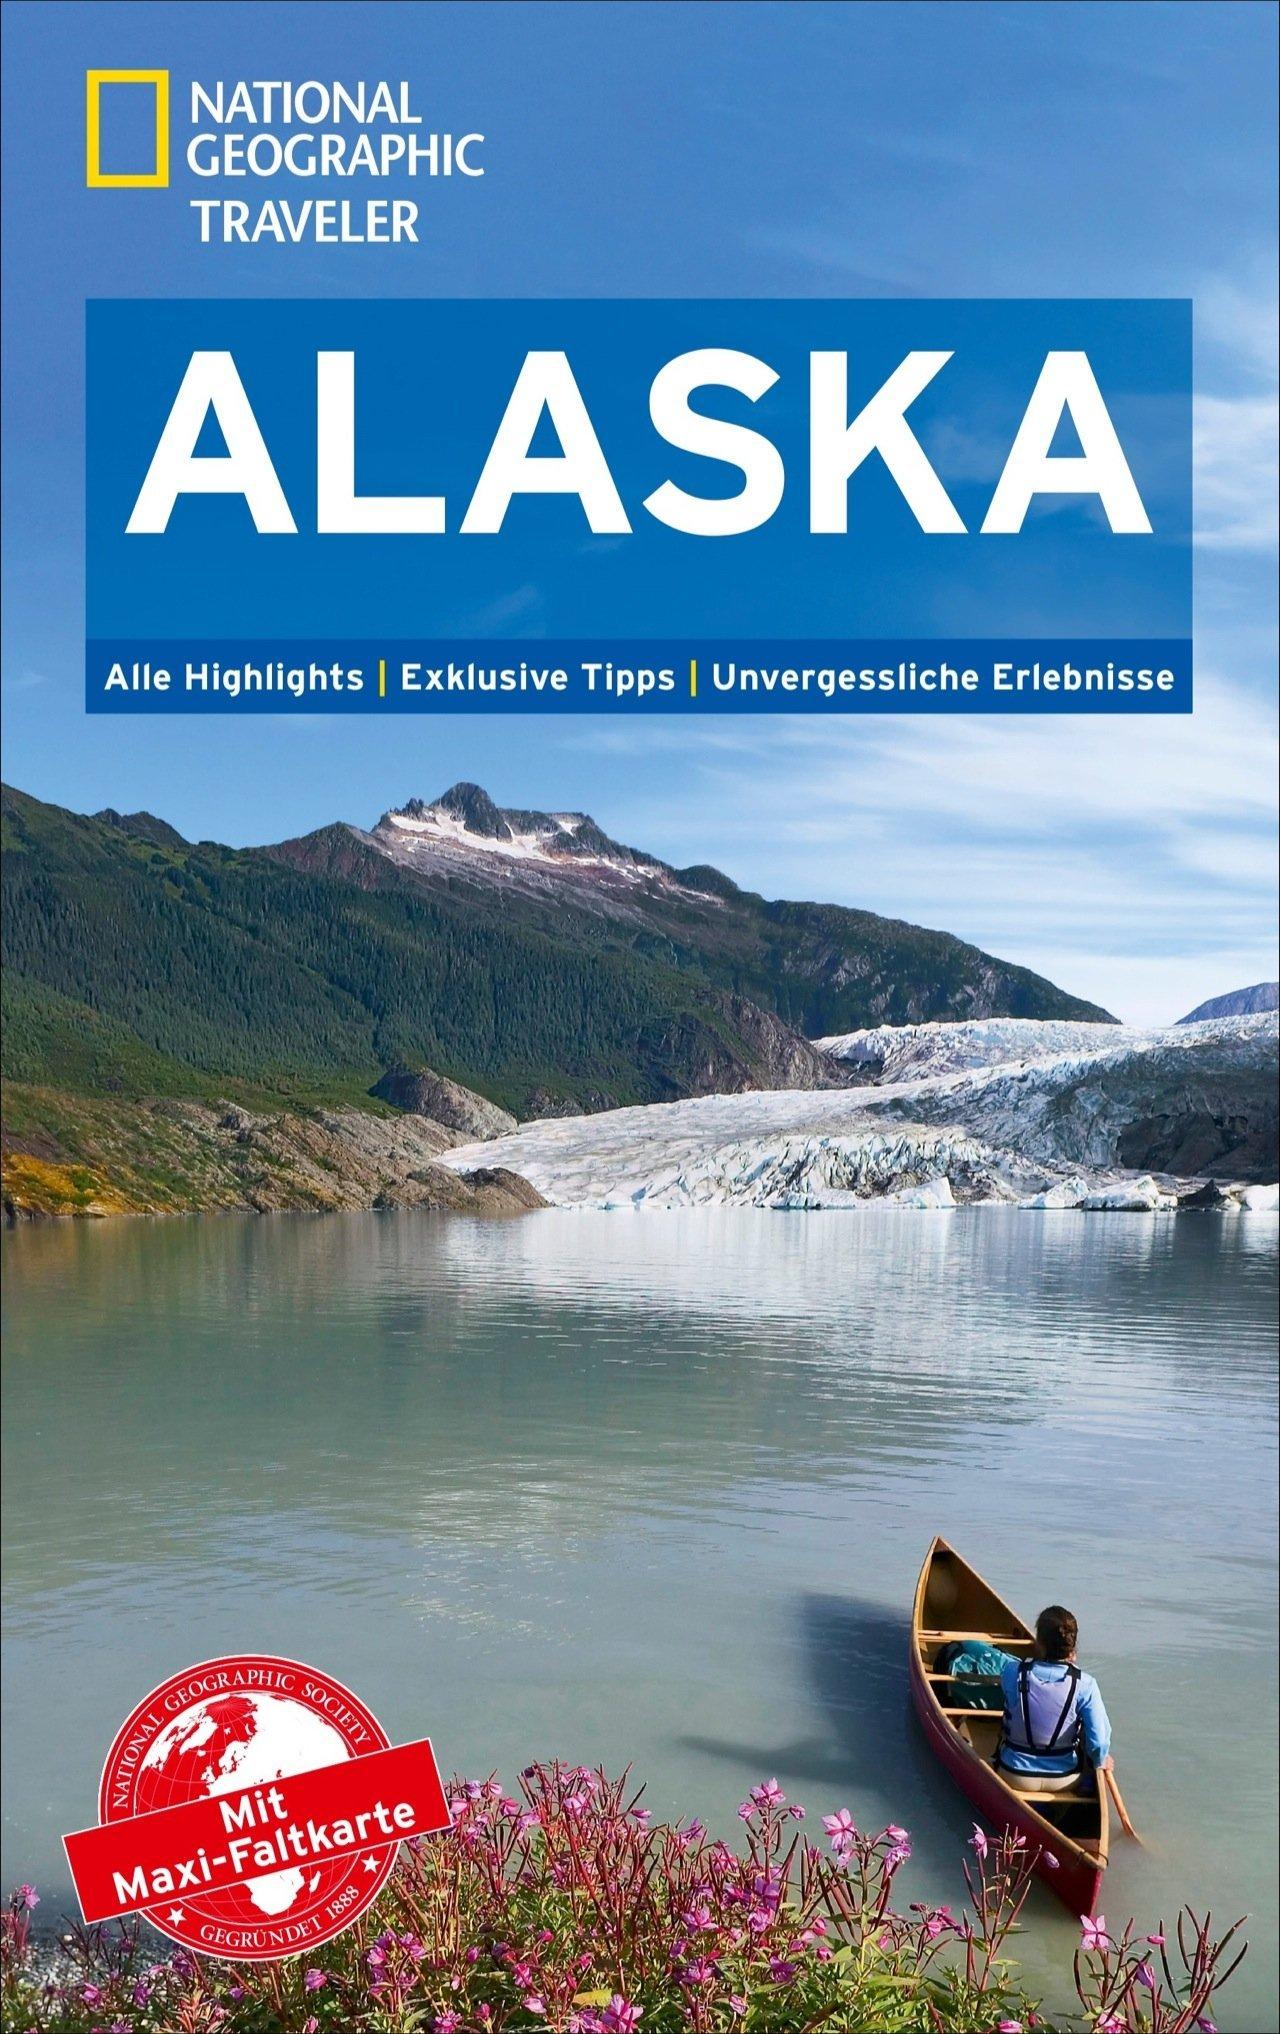 national-geographic-reisefhrer-alaska-das-ultimative-reisehandbuch-mit-ber-500-adressen-und-praktischer-faltkarte-zum-herausnehmen-fr-alle-traveler-national-geographic-traveler